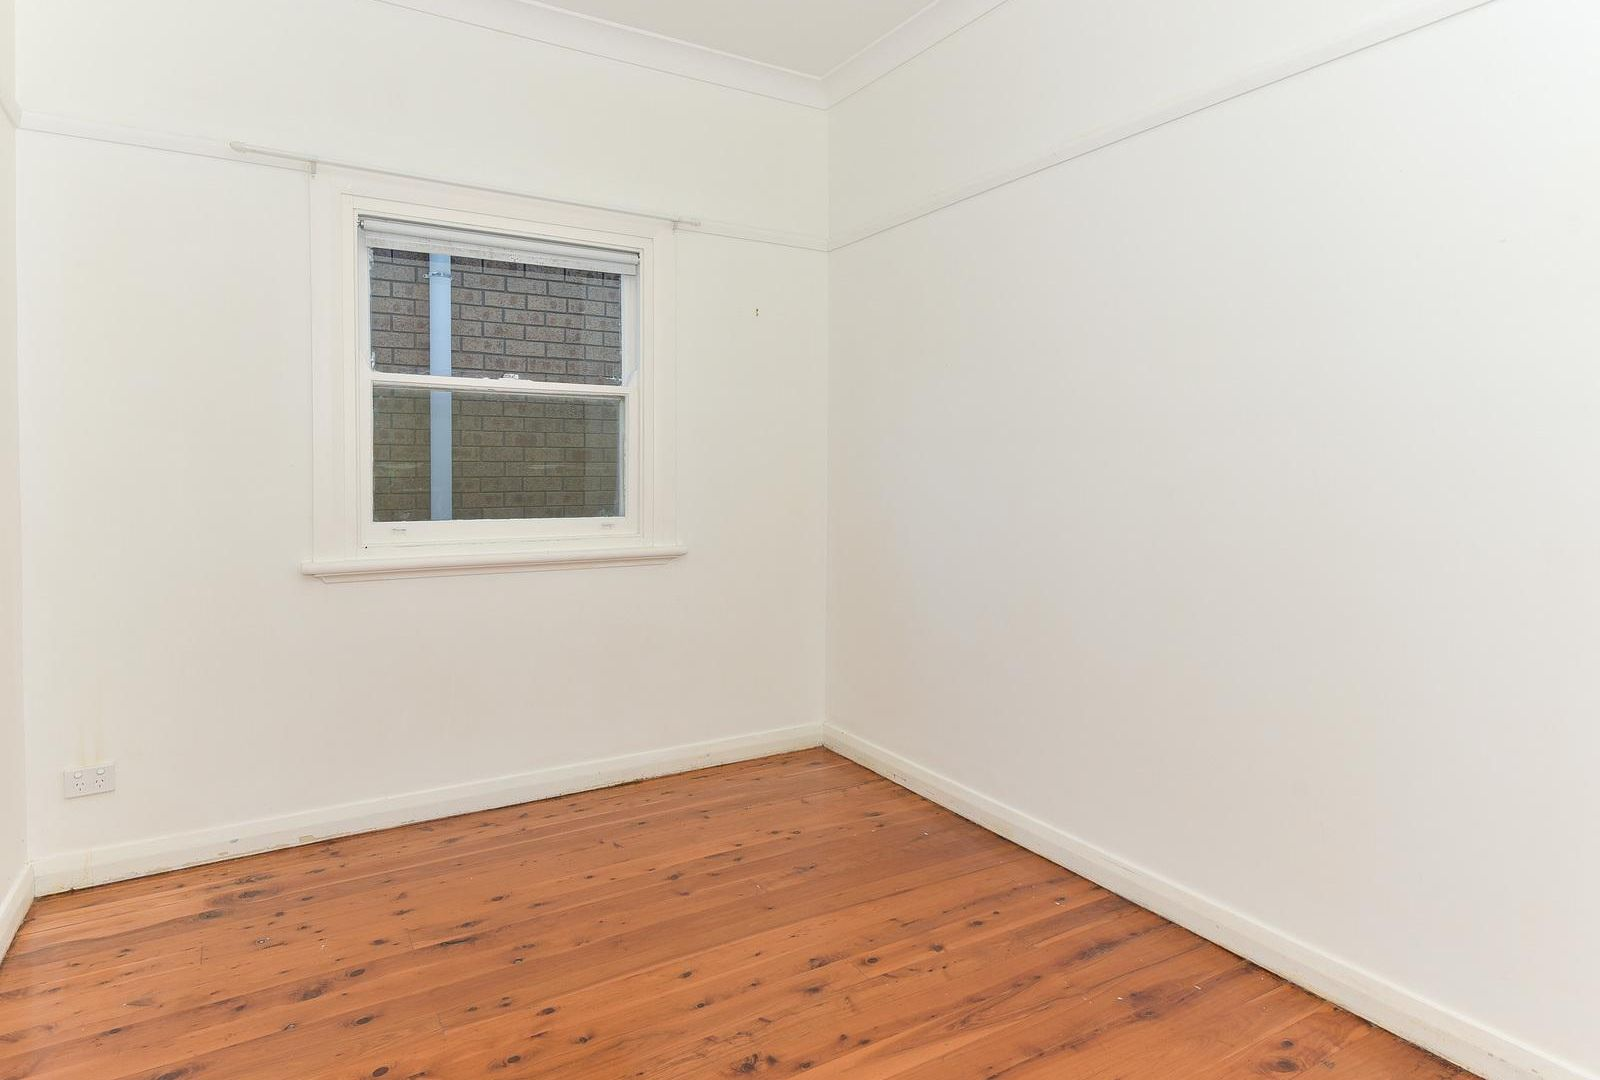 363 Tuggerawong Road, Tuggerawong NSW 2259, Image 2